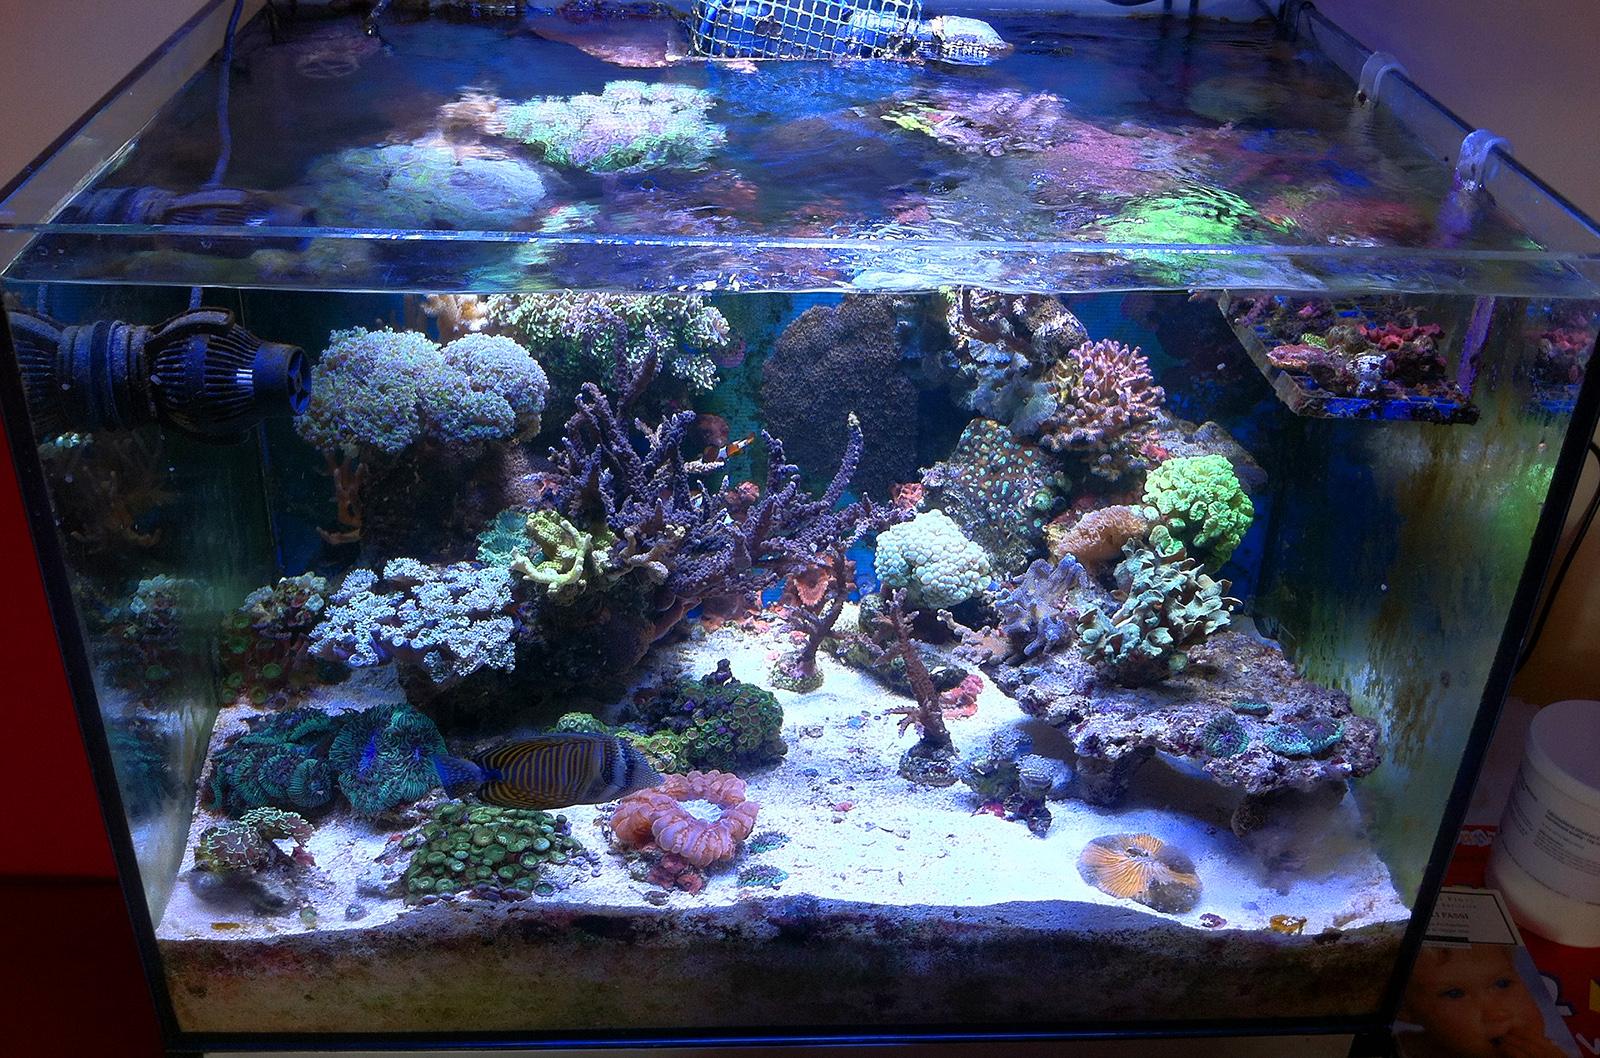 Acquario marino tropicale 80x55x55 easy lps for Acquario marino 100 litri prezzo